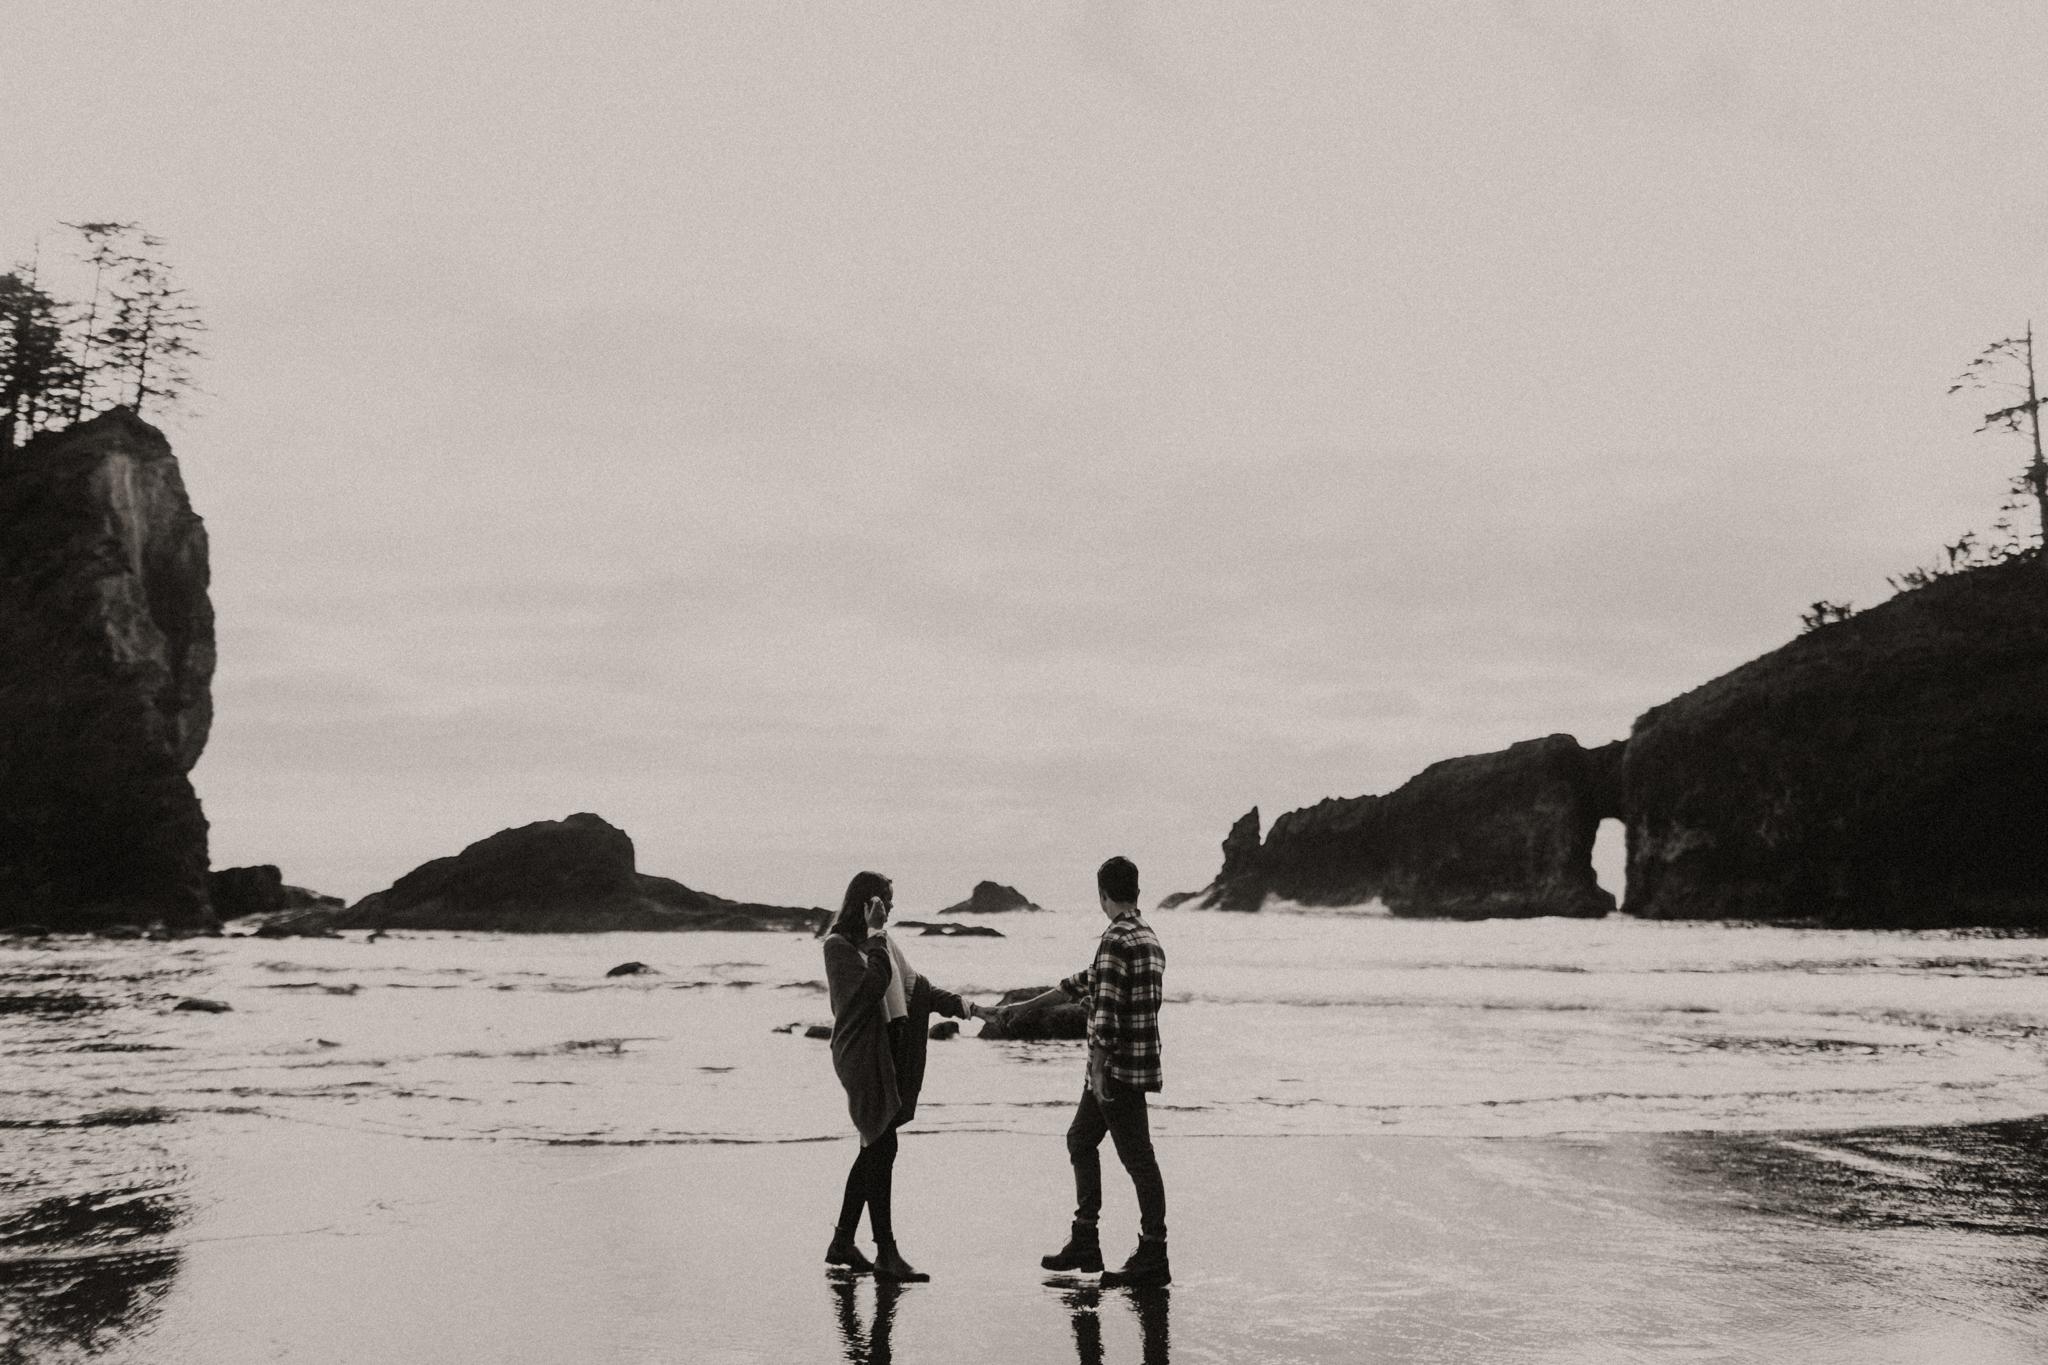 La_Push_Washington_Coast_Engagement-11.jpg